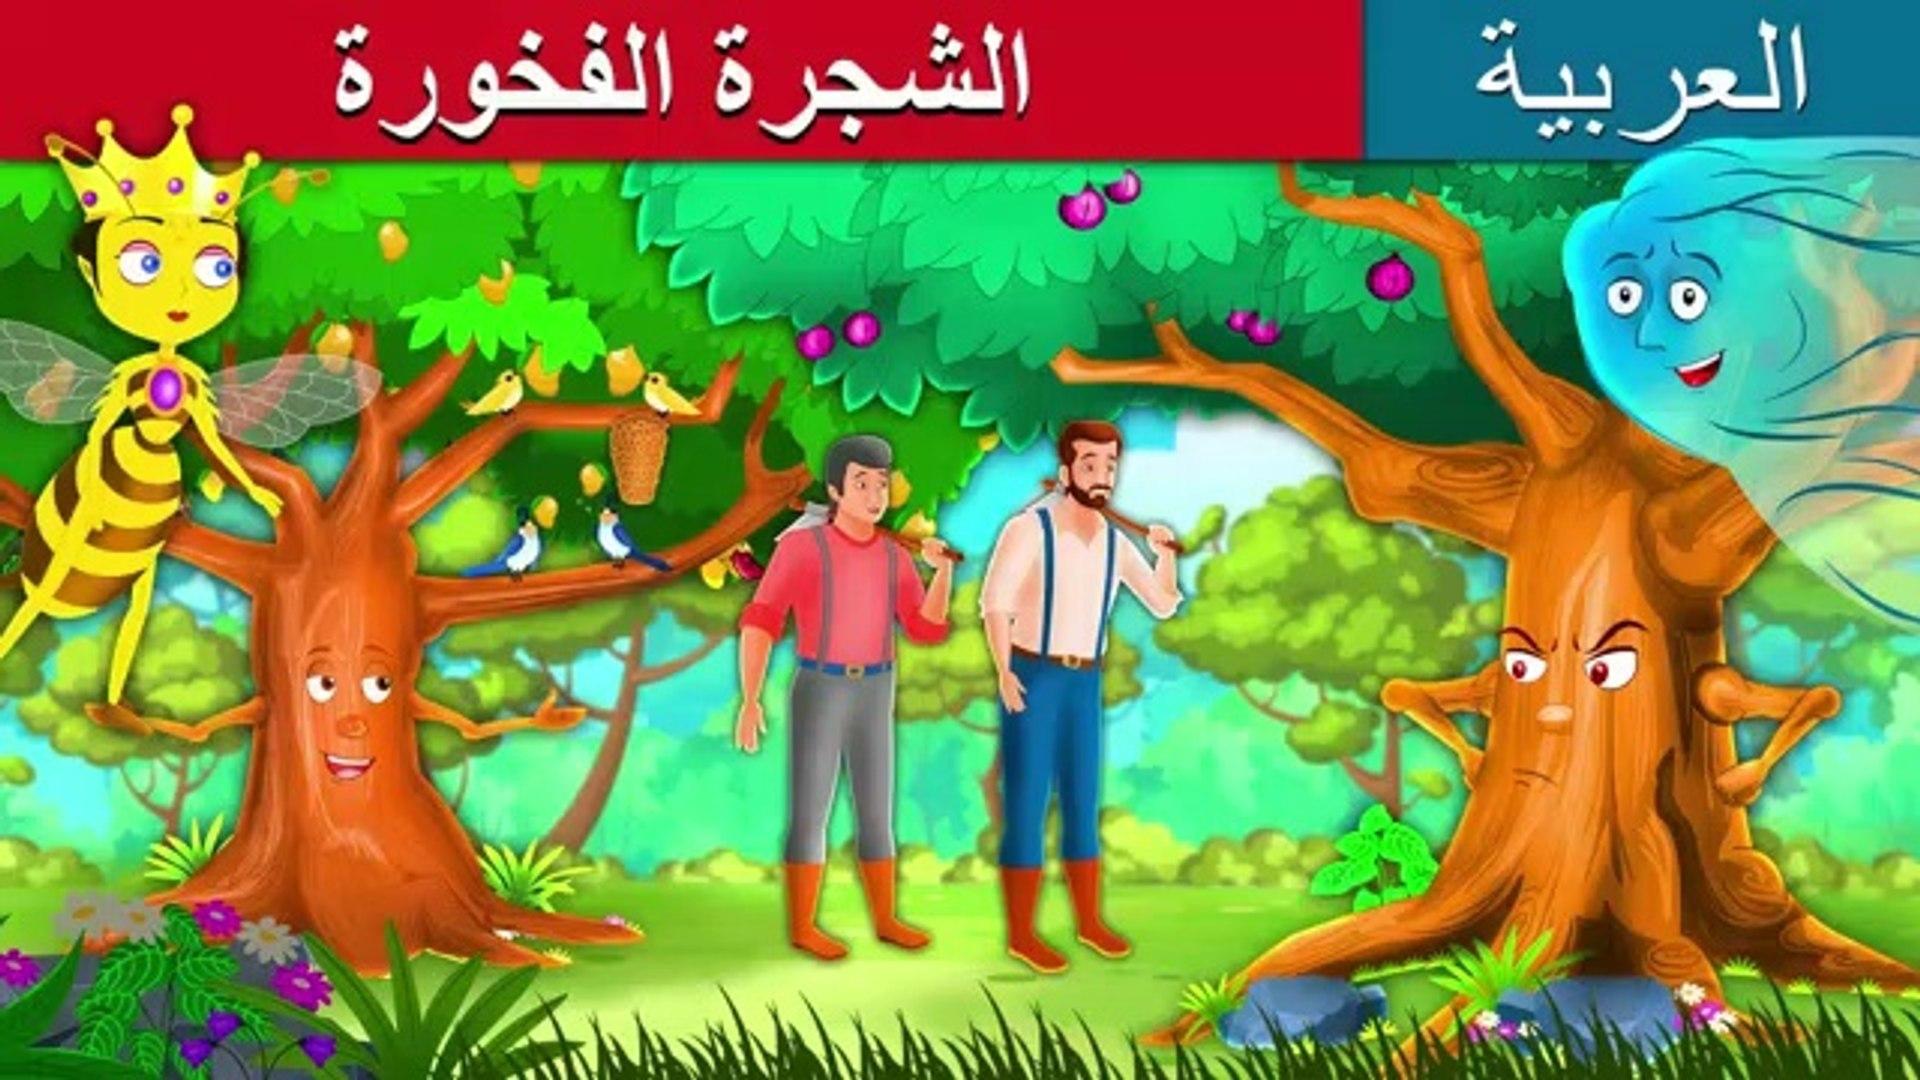 حكاية الشجرة المتعالية -  قصص اطفال - حكايات عربية